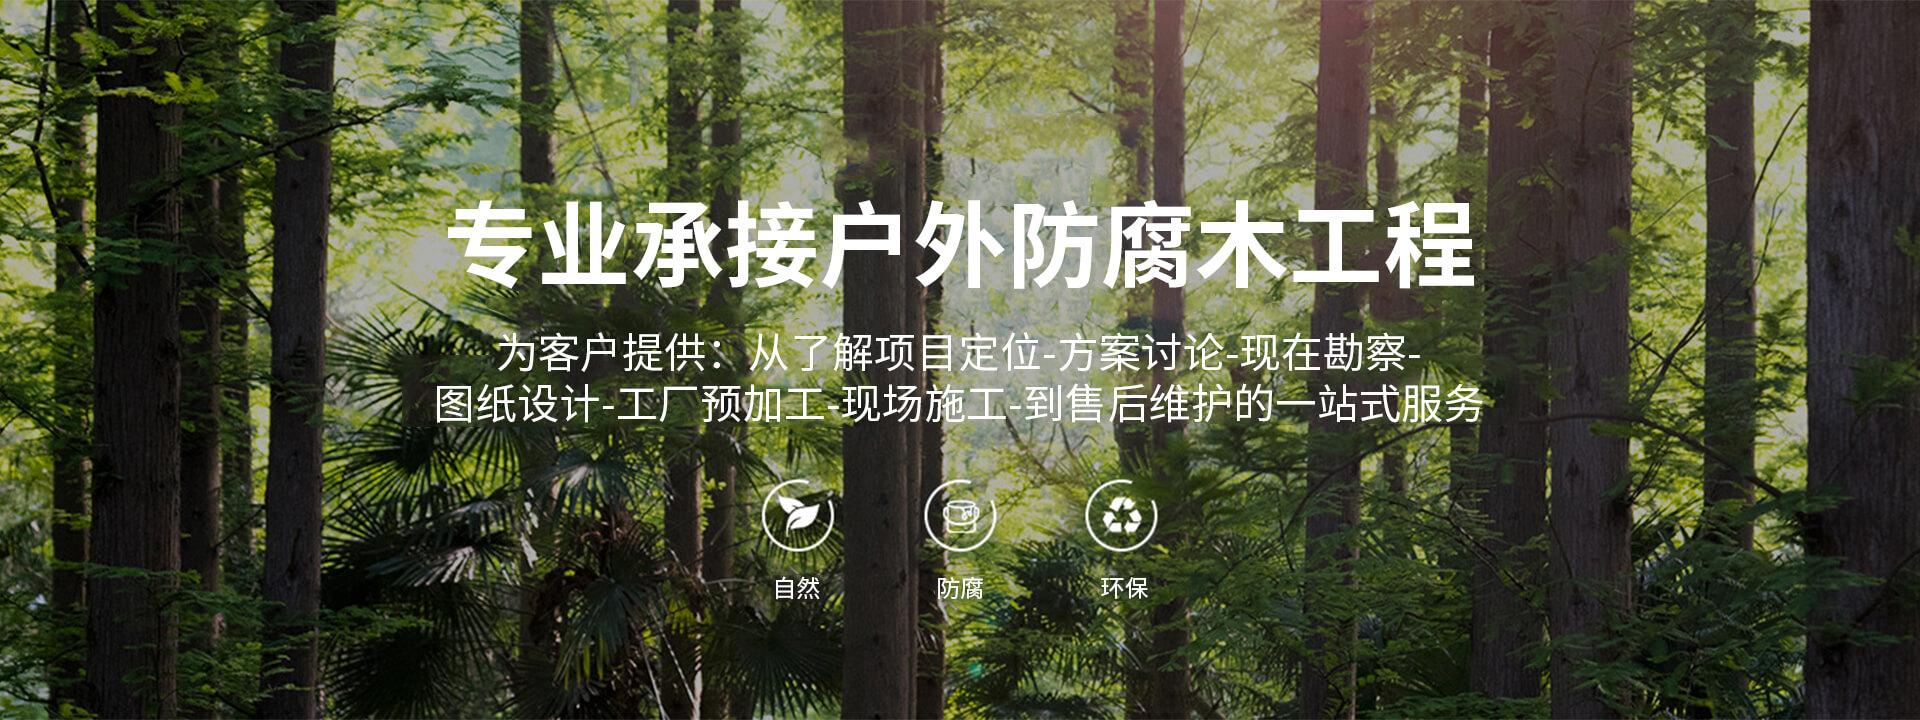 武汉防腐木厂家